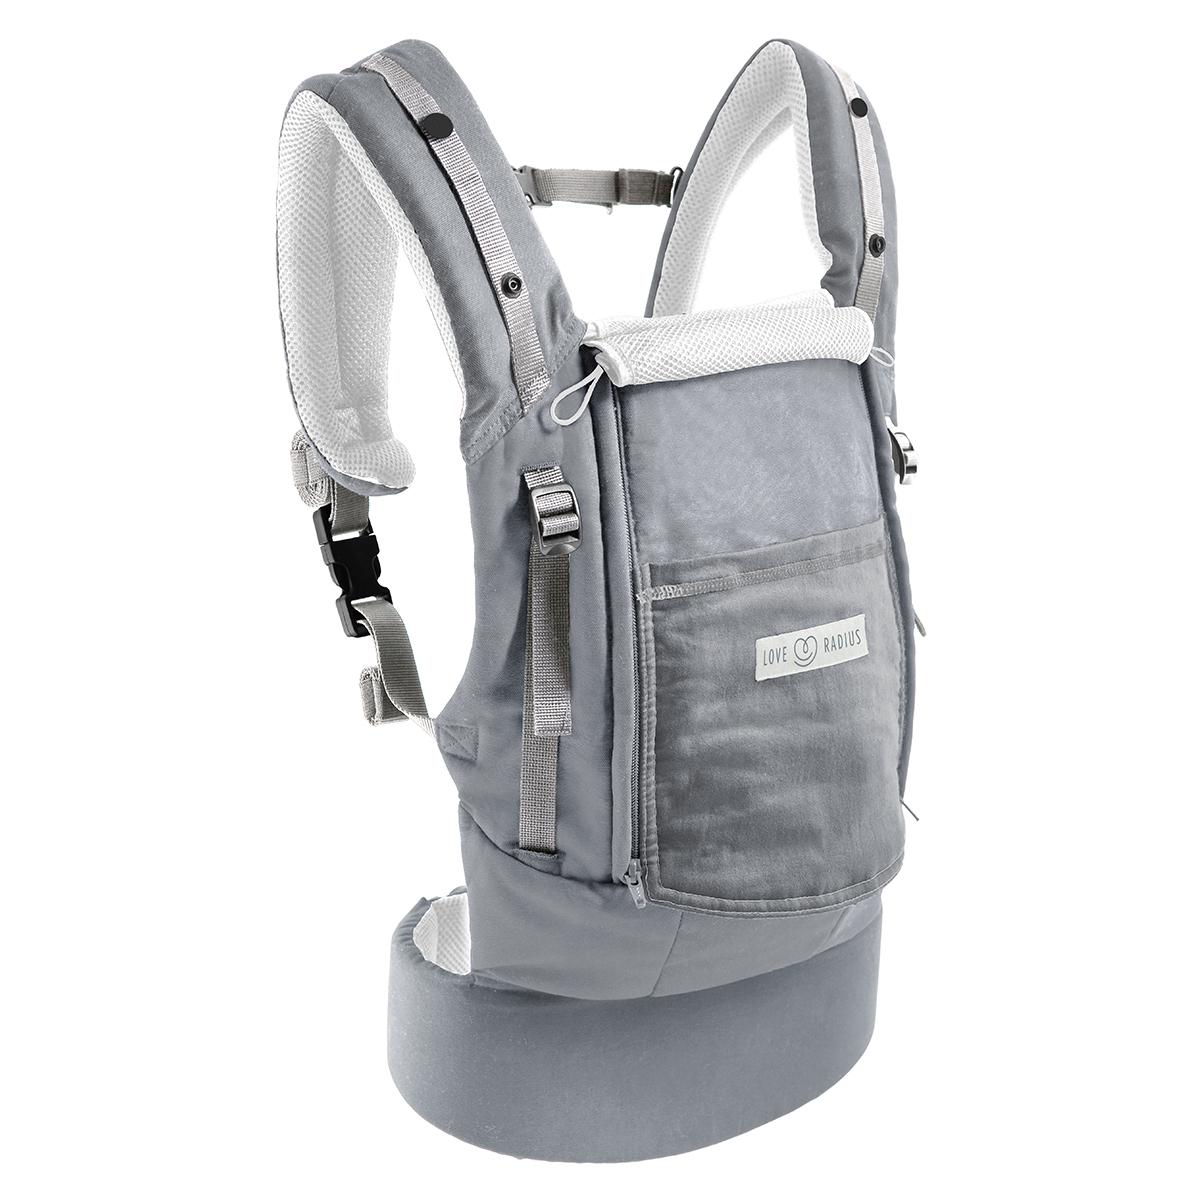 Porte bébé Porte-bébé PhysioCarrier et Booster Pack - Gris